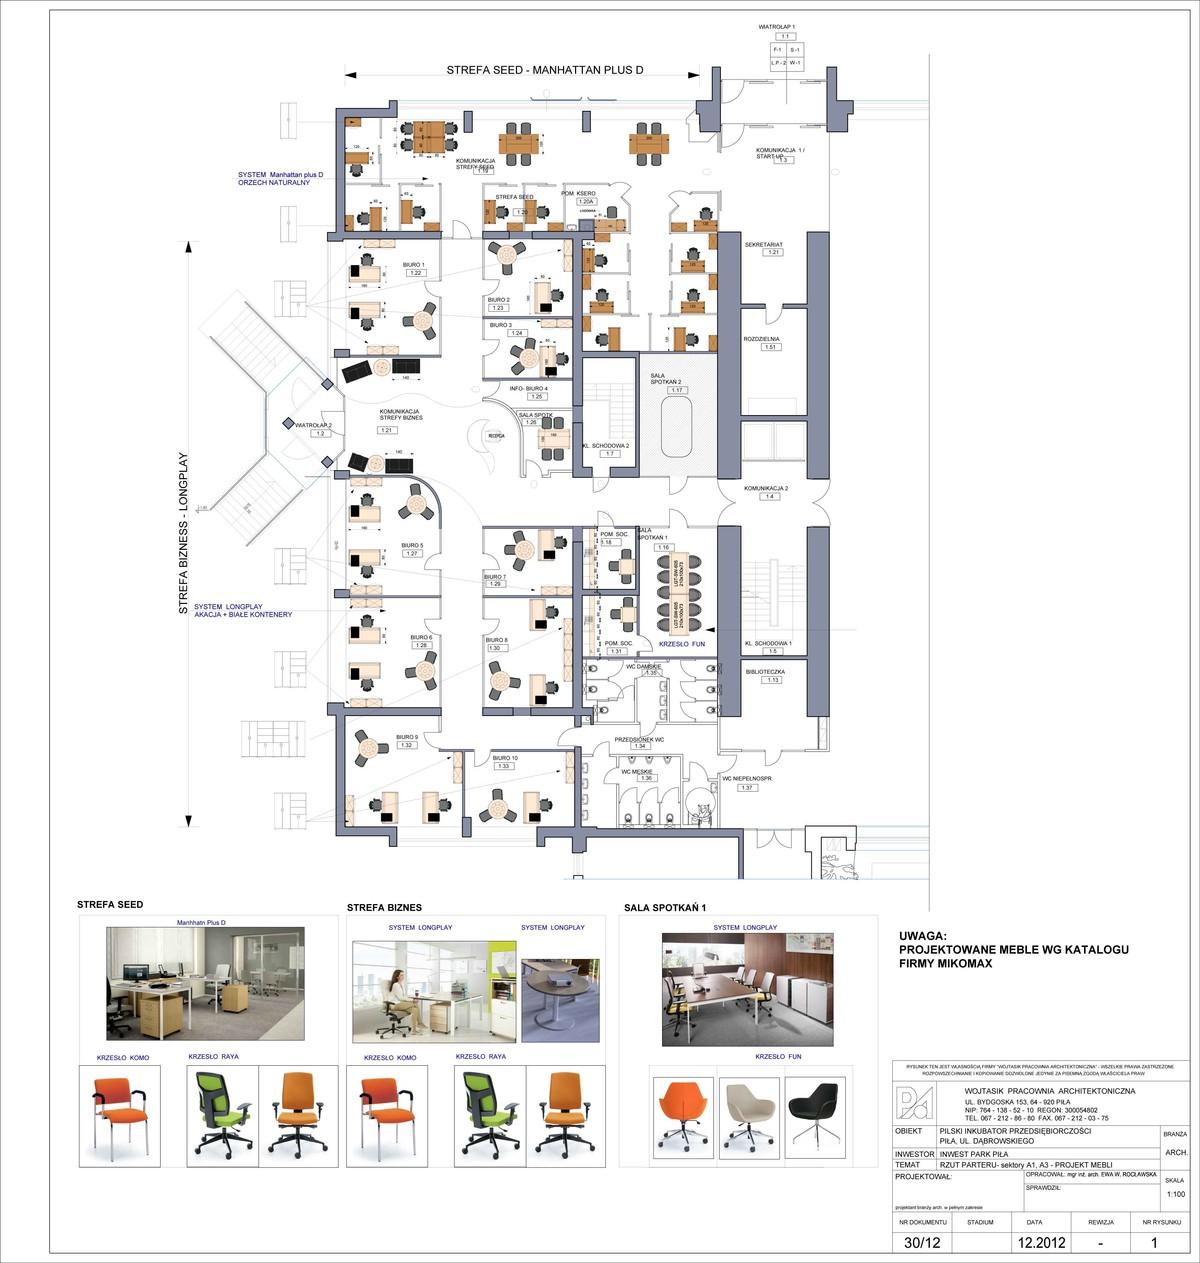 Floor plan part 1